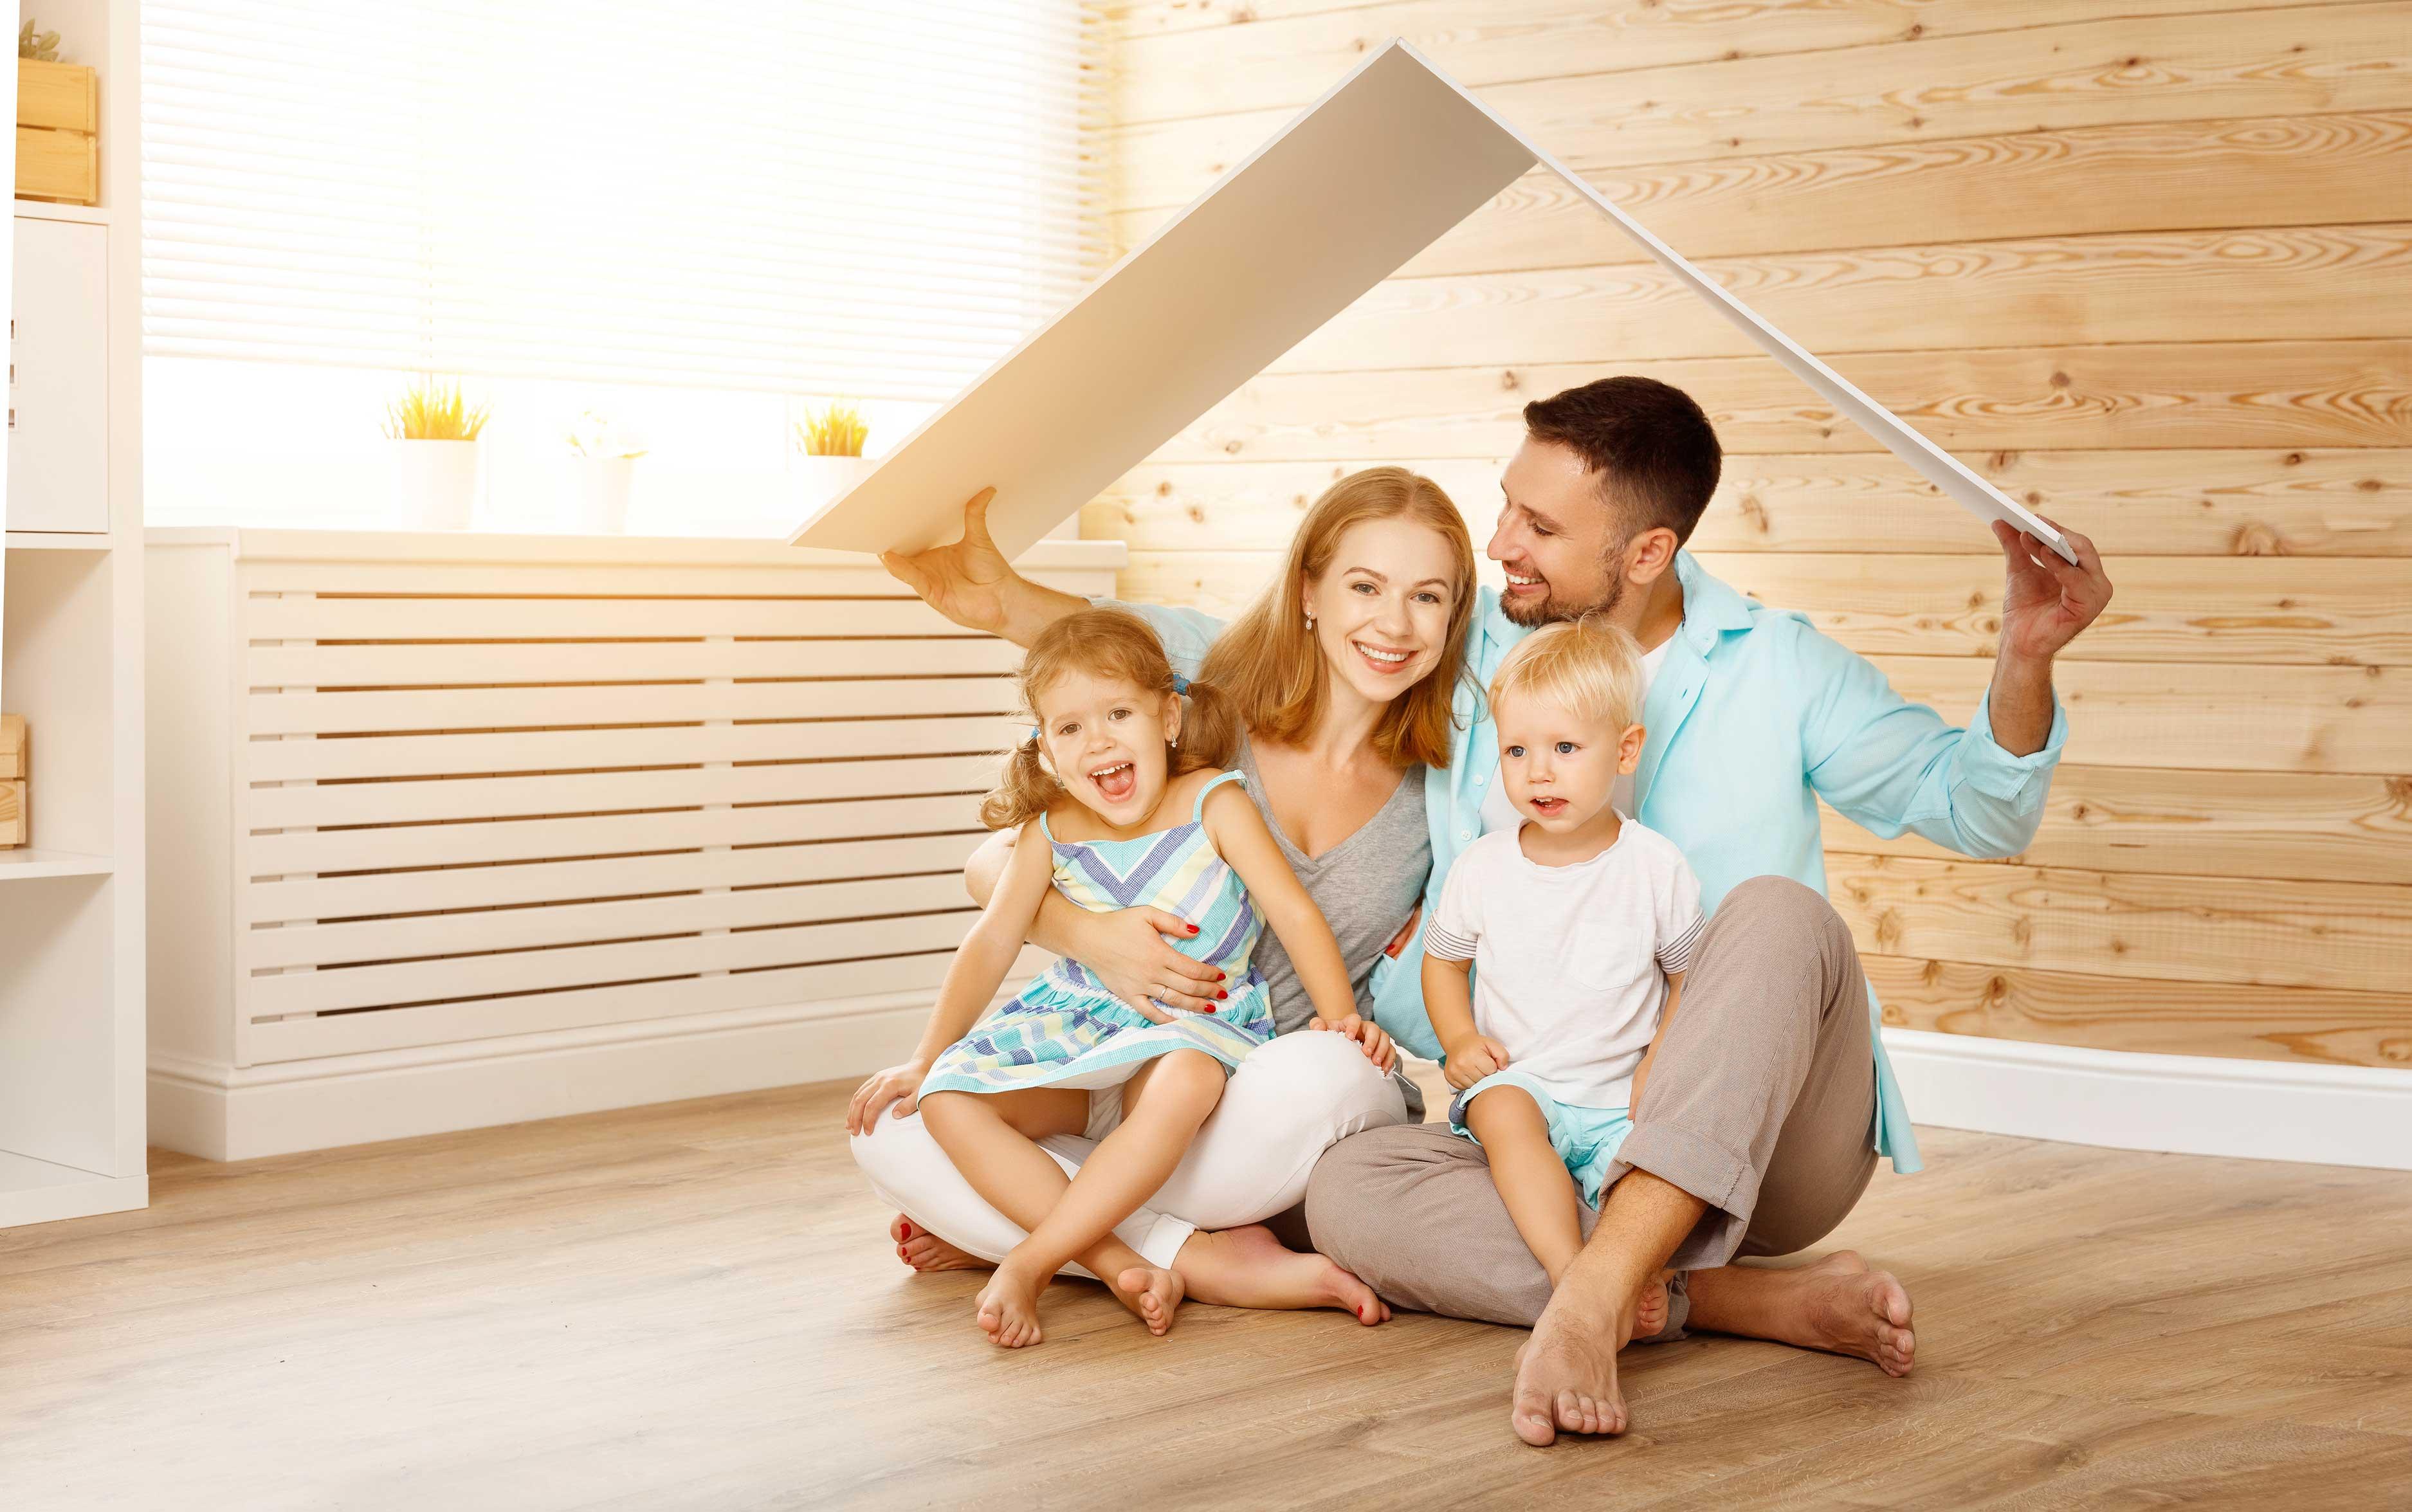 famille souriante dans leur salon au chaud et à l'abri